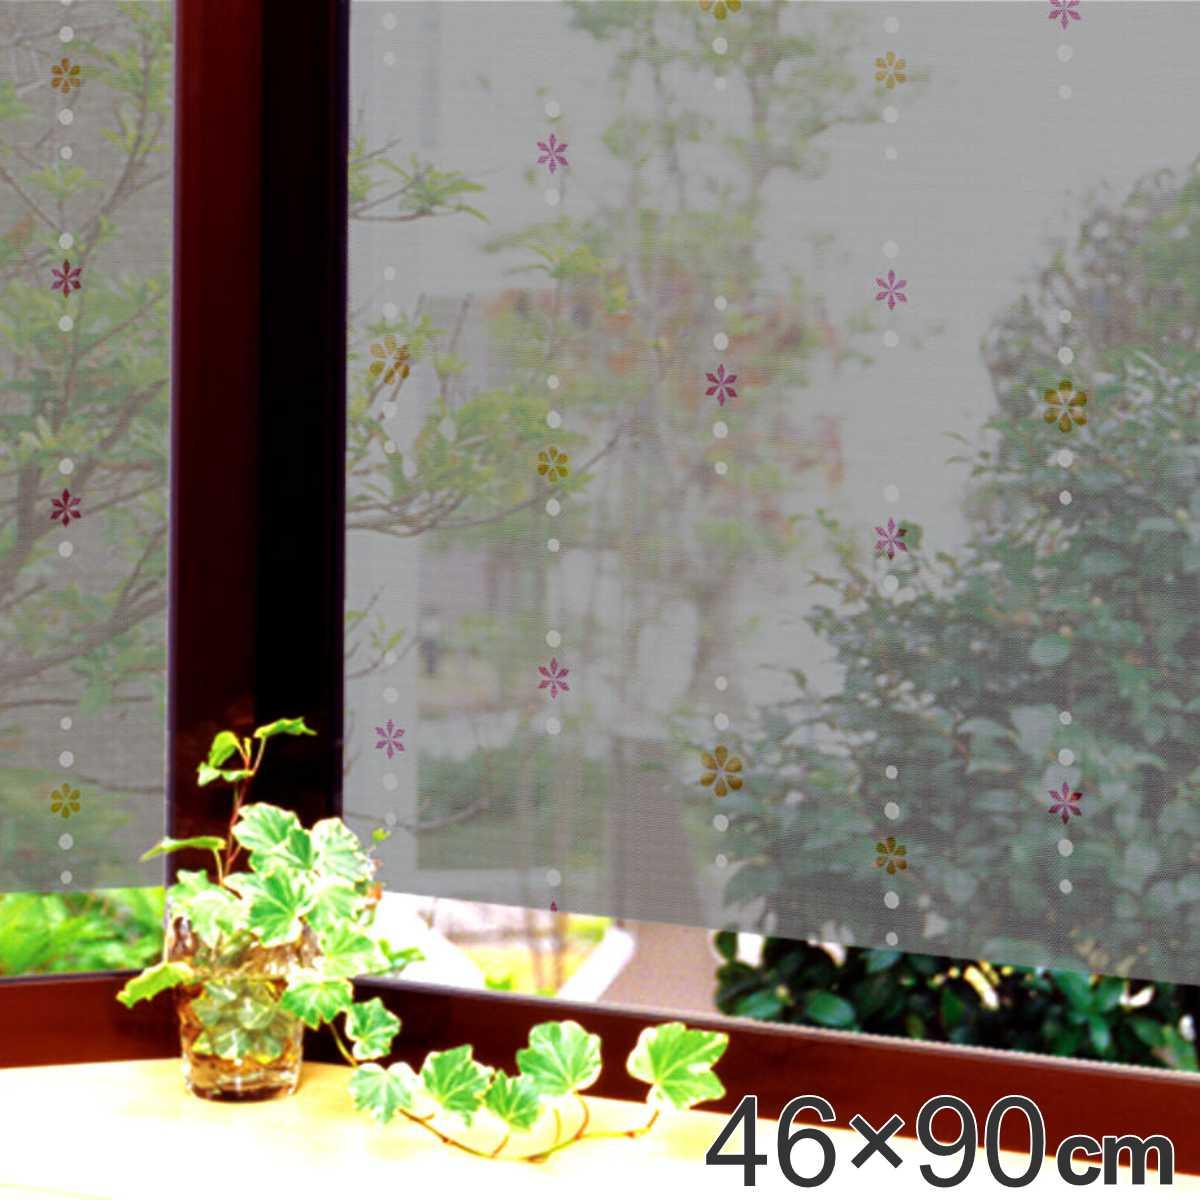 遮熱・断熱窓飾り 両面柄付 GCV-4671 46cm×90cm ( 遮熱シート 遮熱フィルム 遮光 窓 マド エコ 節電 )